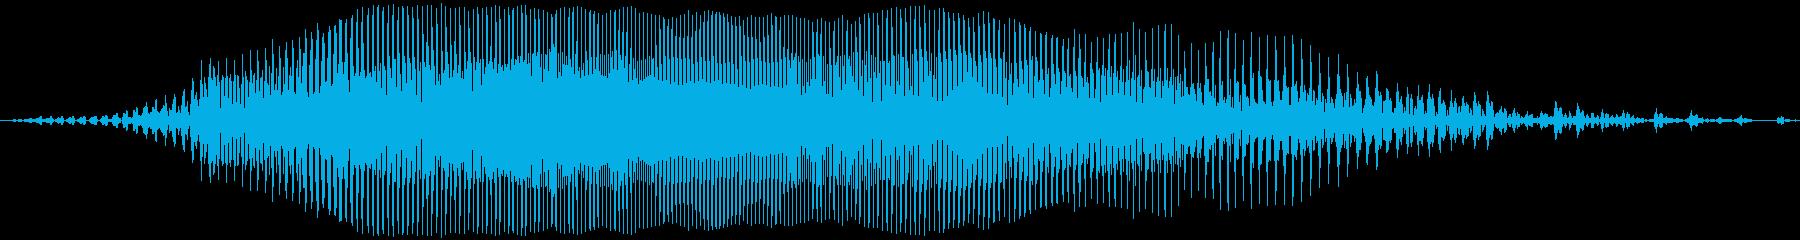 アメリカ人女声「Waao!(ワーオ!)」の再生済みの波形